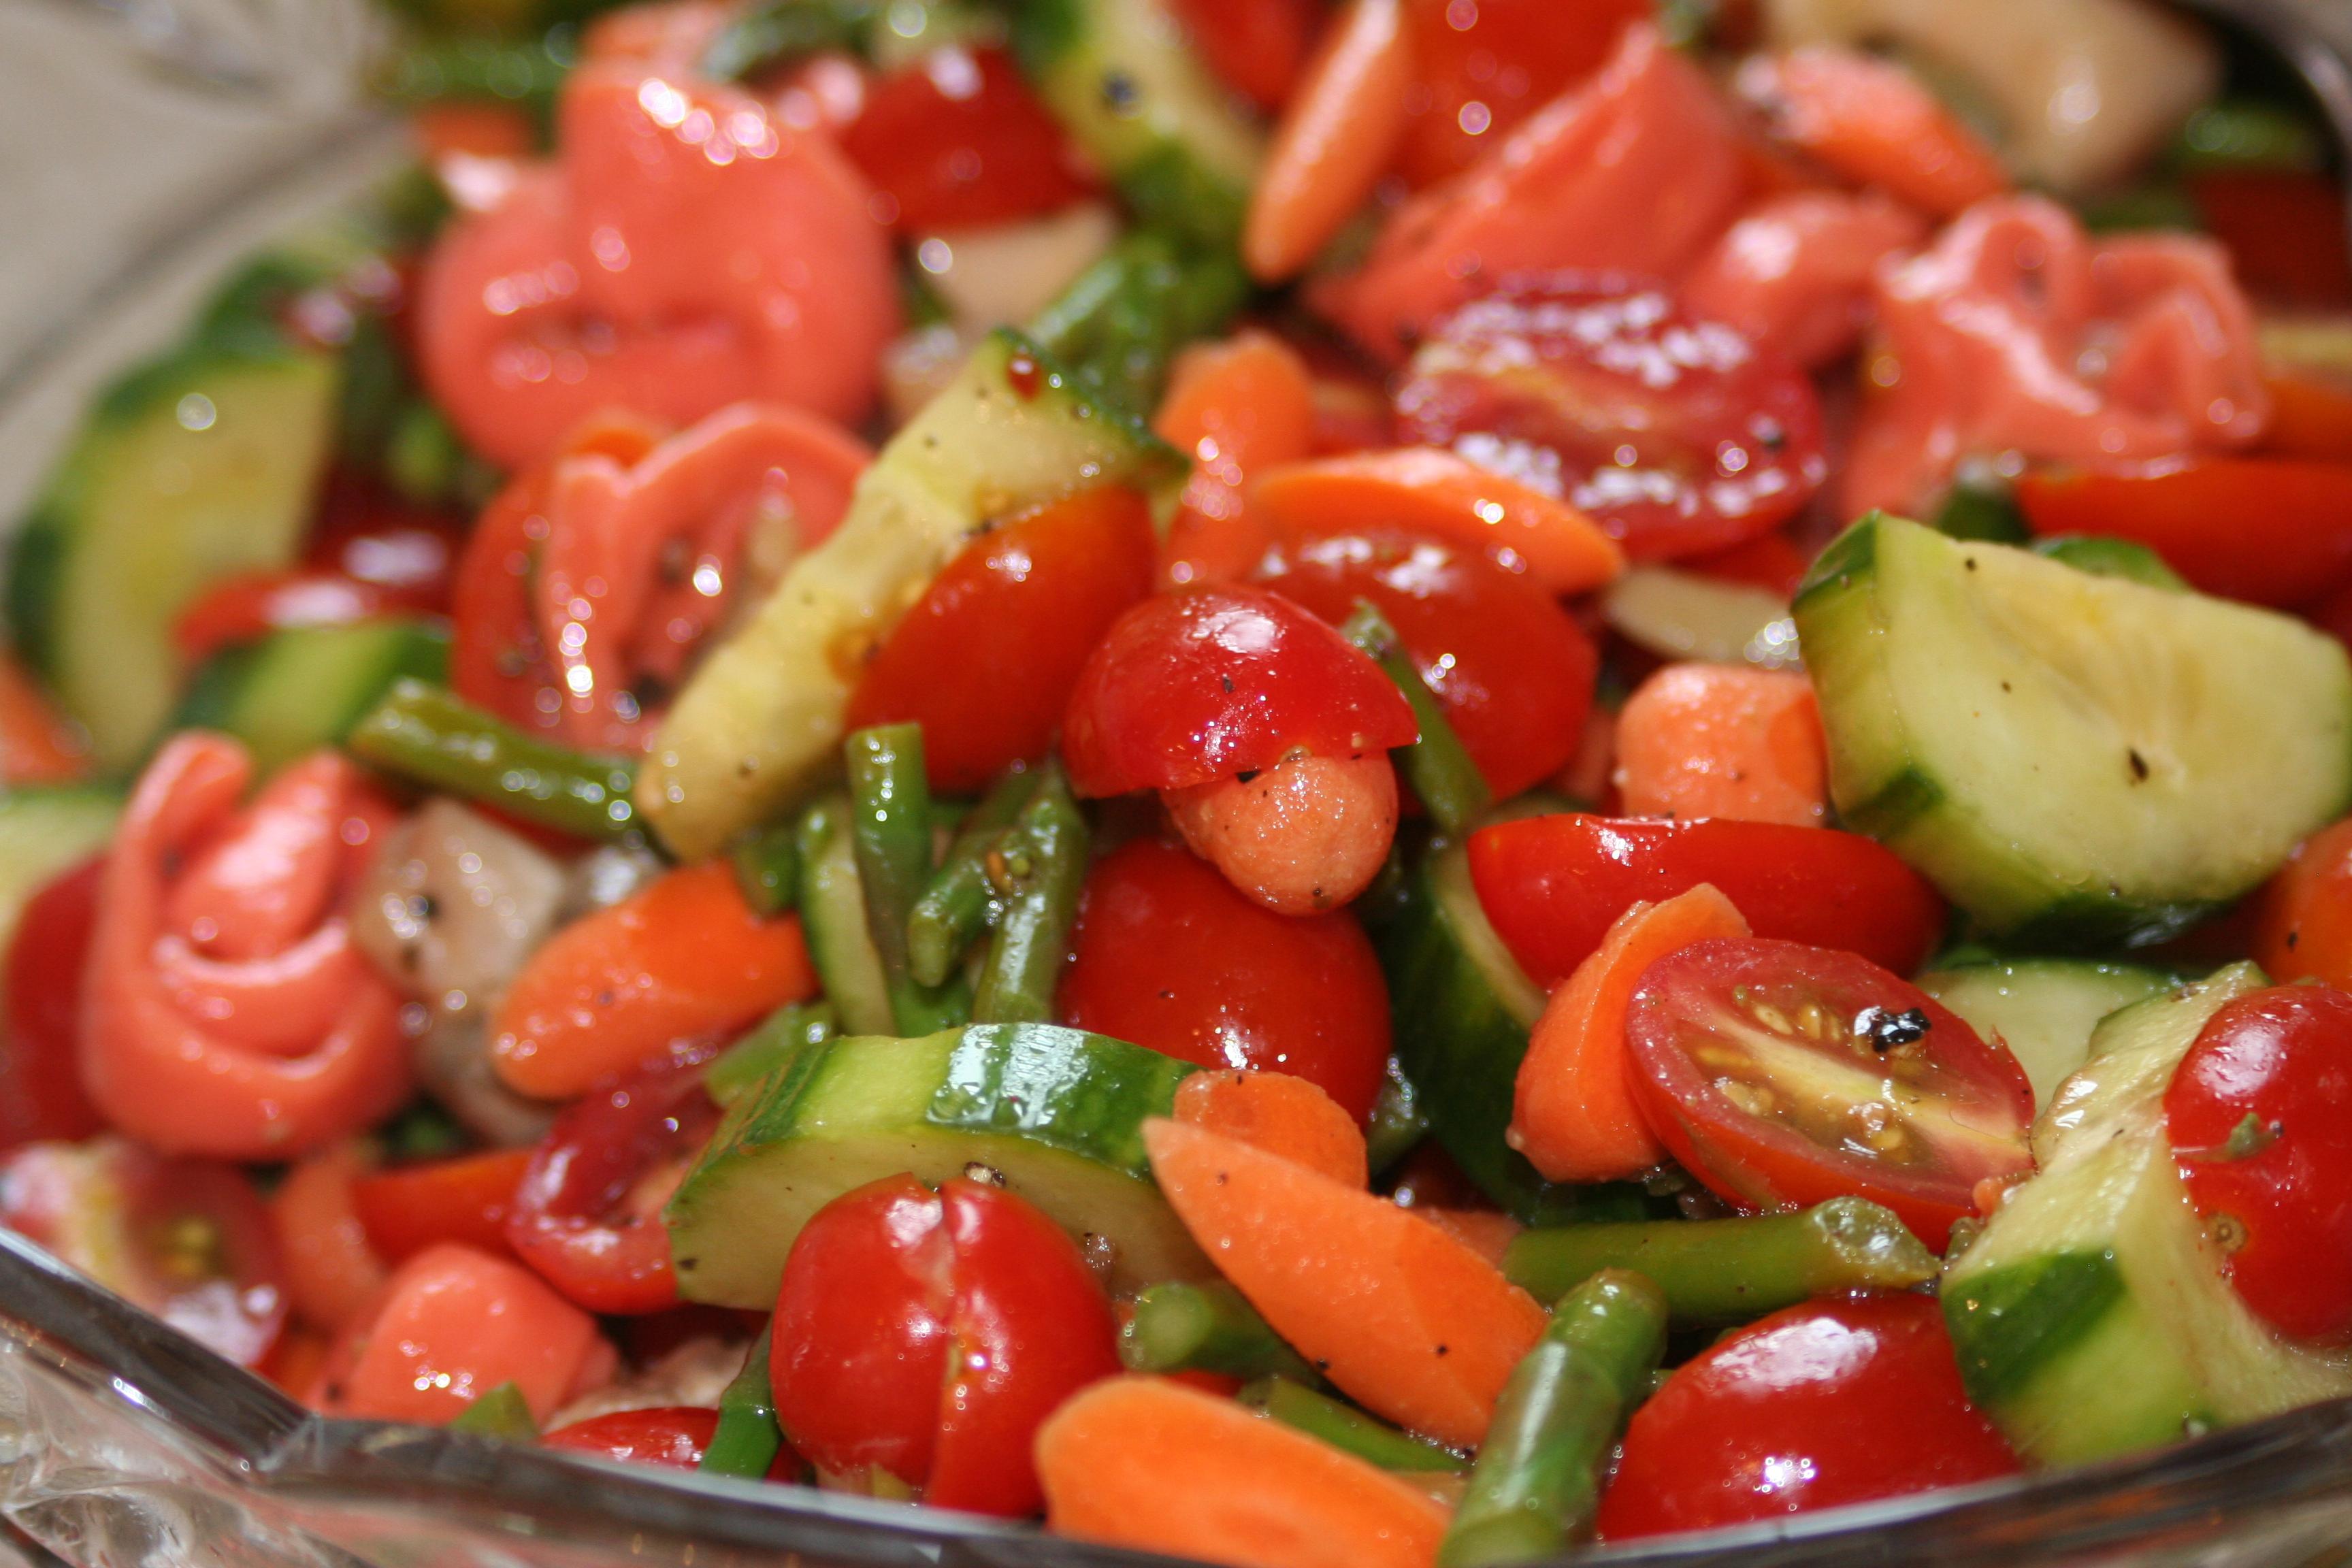 Marinated Vegetables Marinated vegetable salad